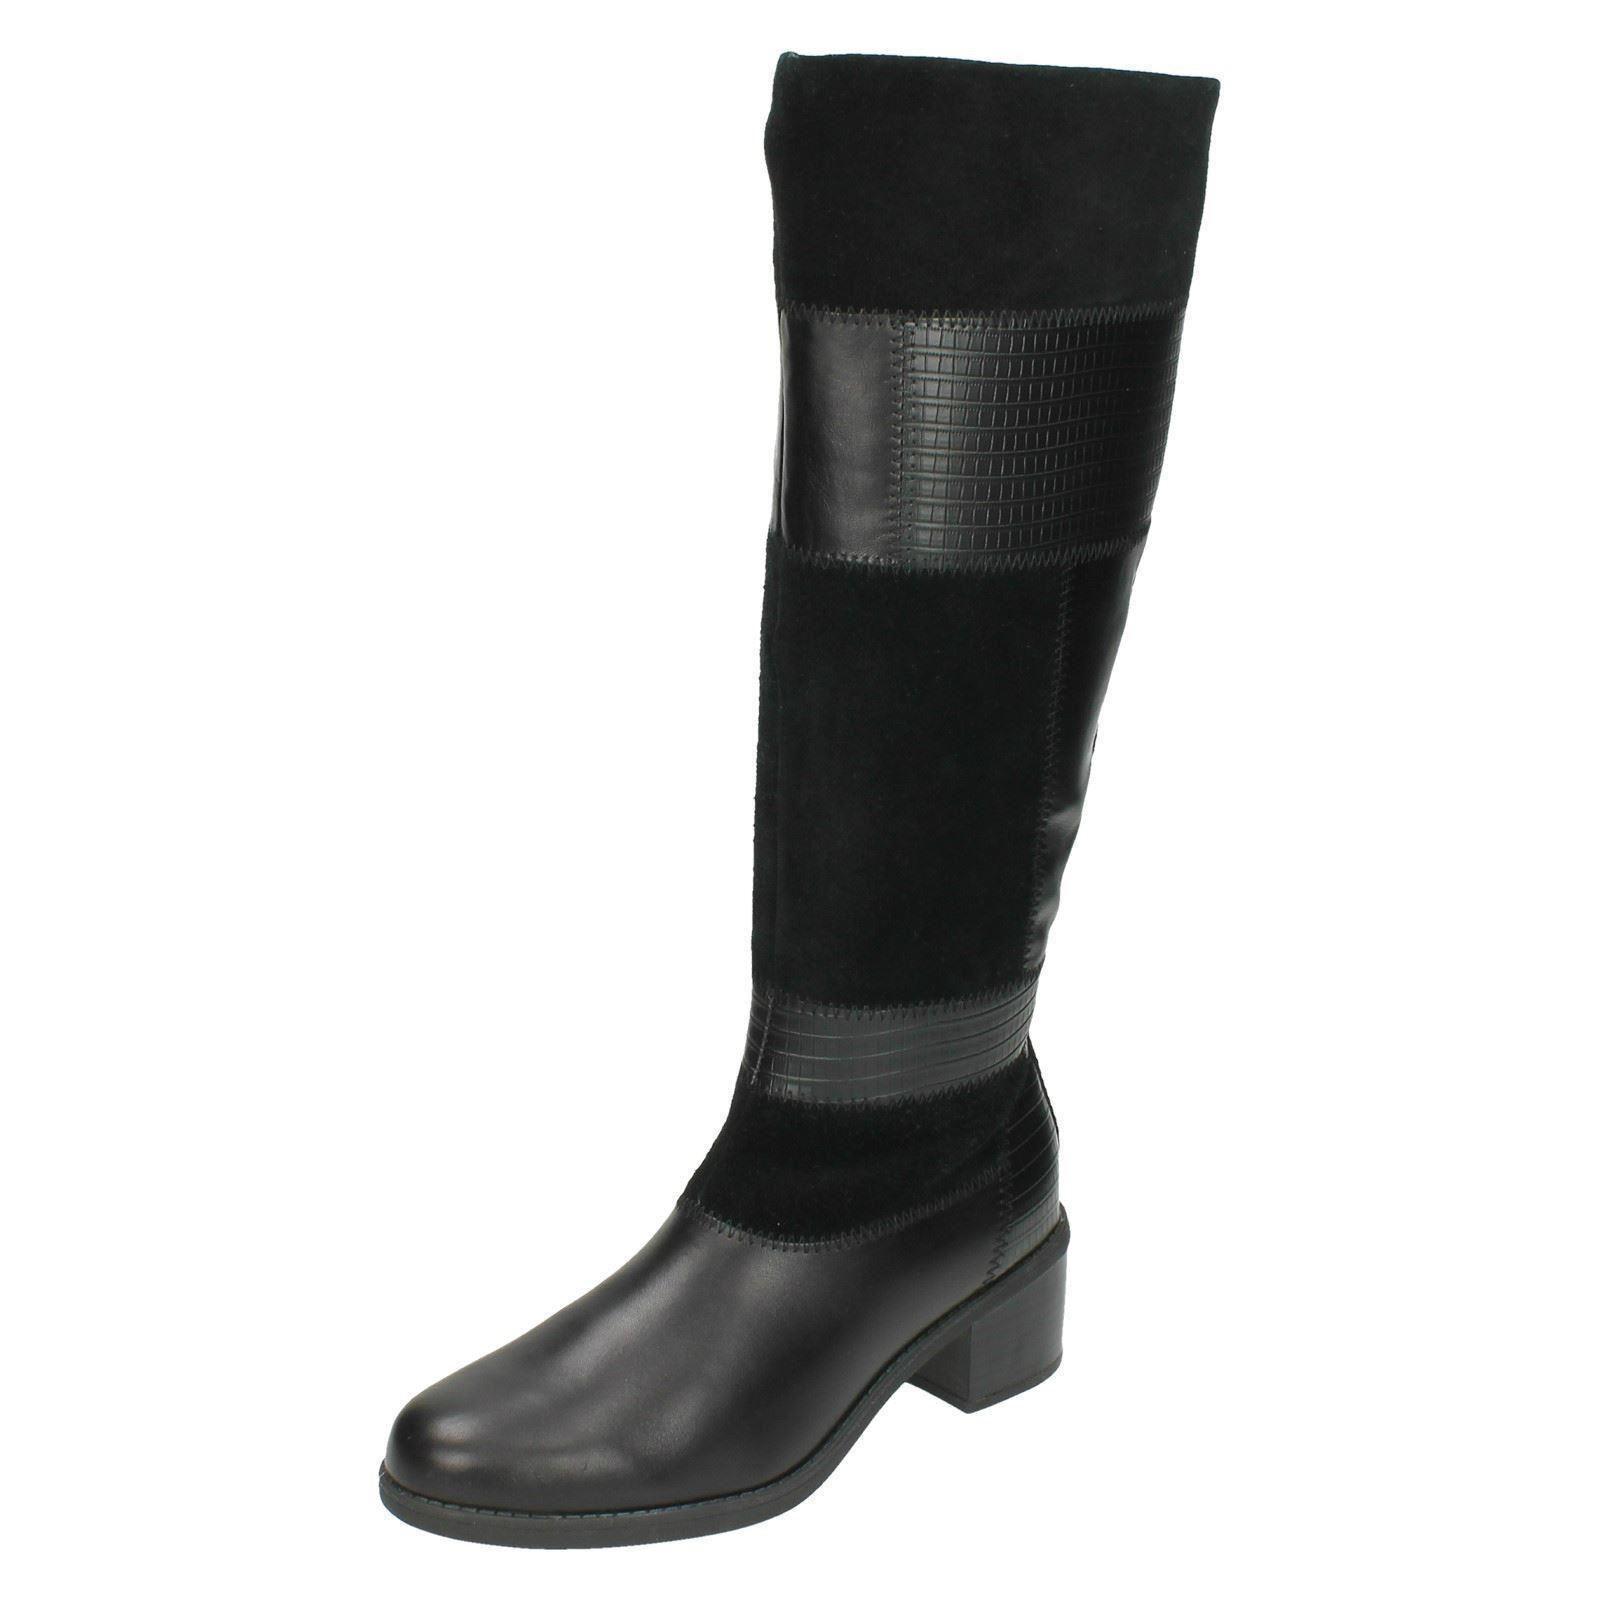 Damen Clarks Leder Reißverschluss Smart Formaler Knielang